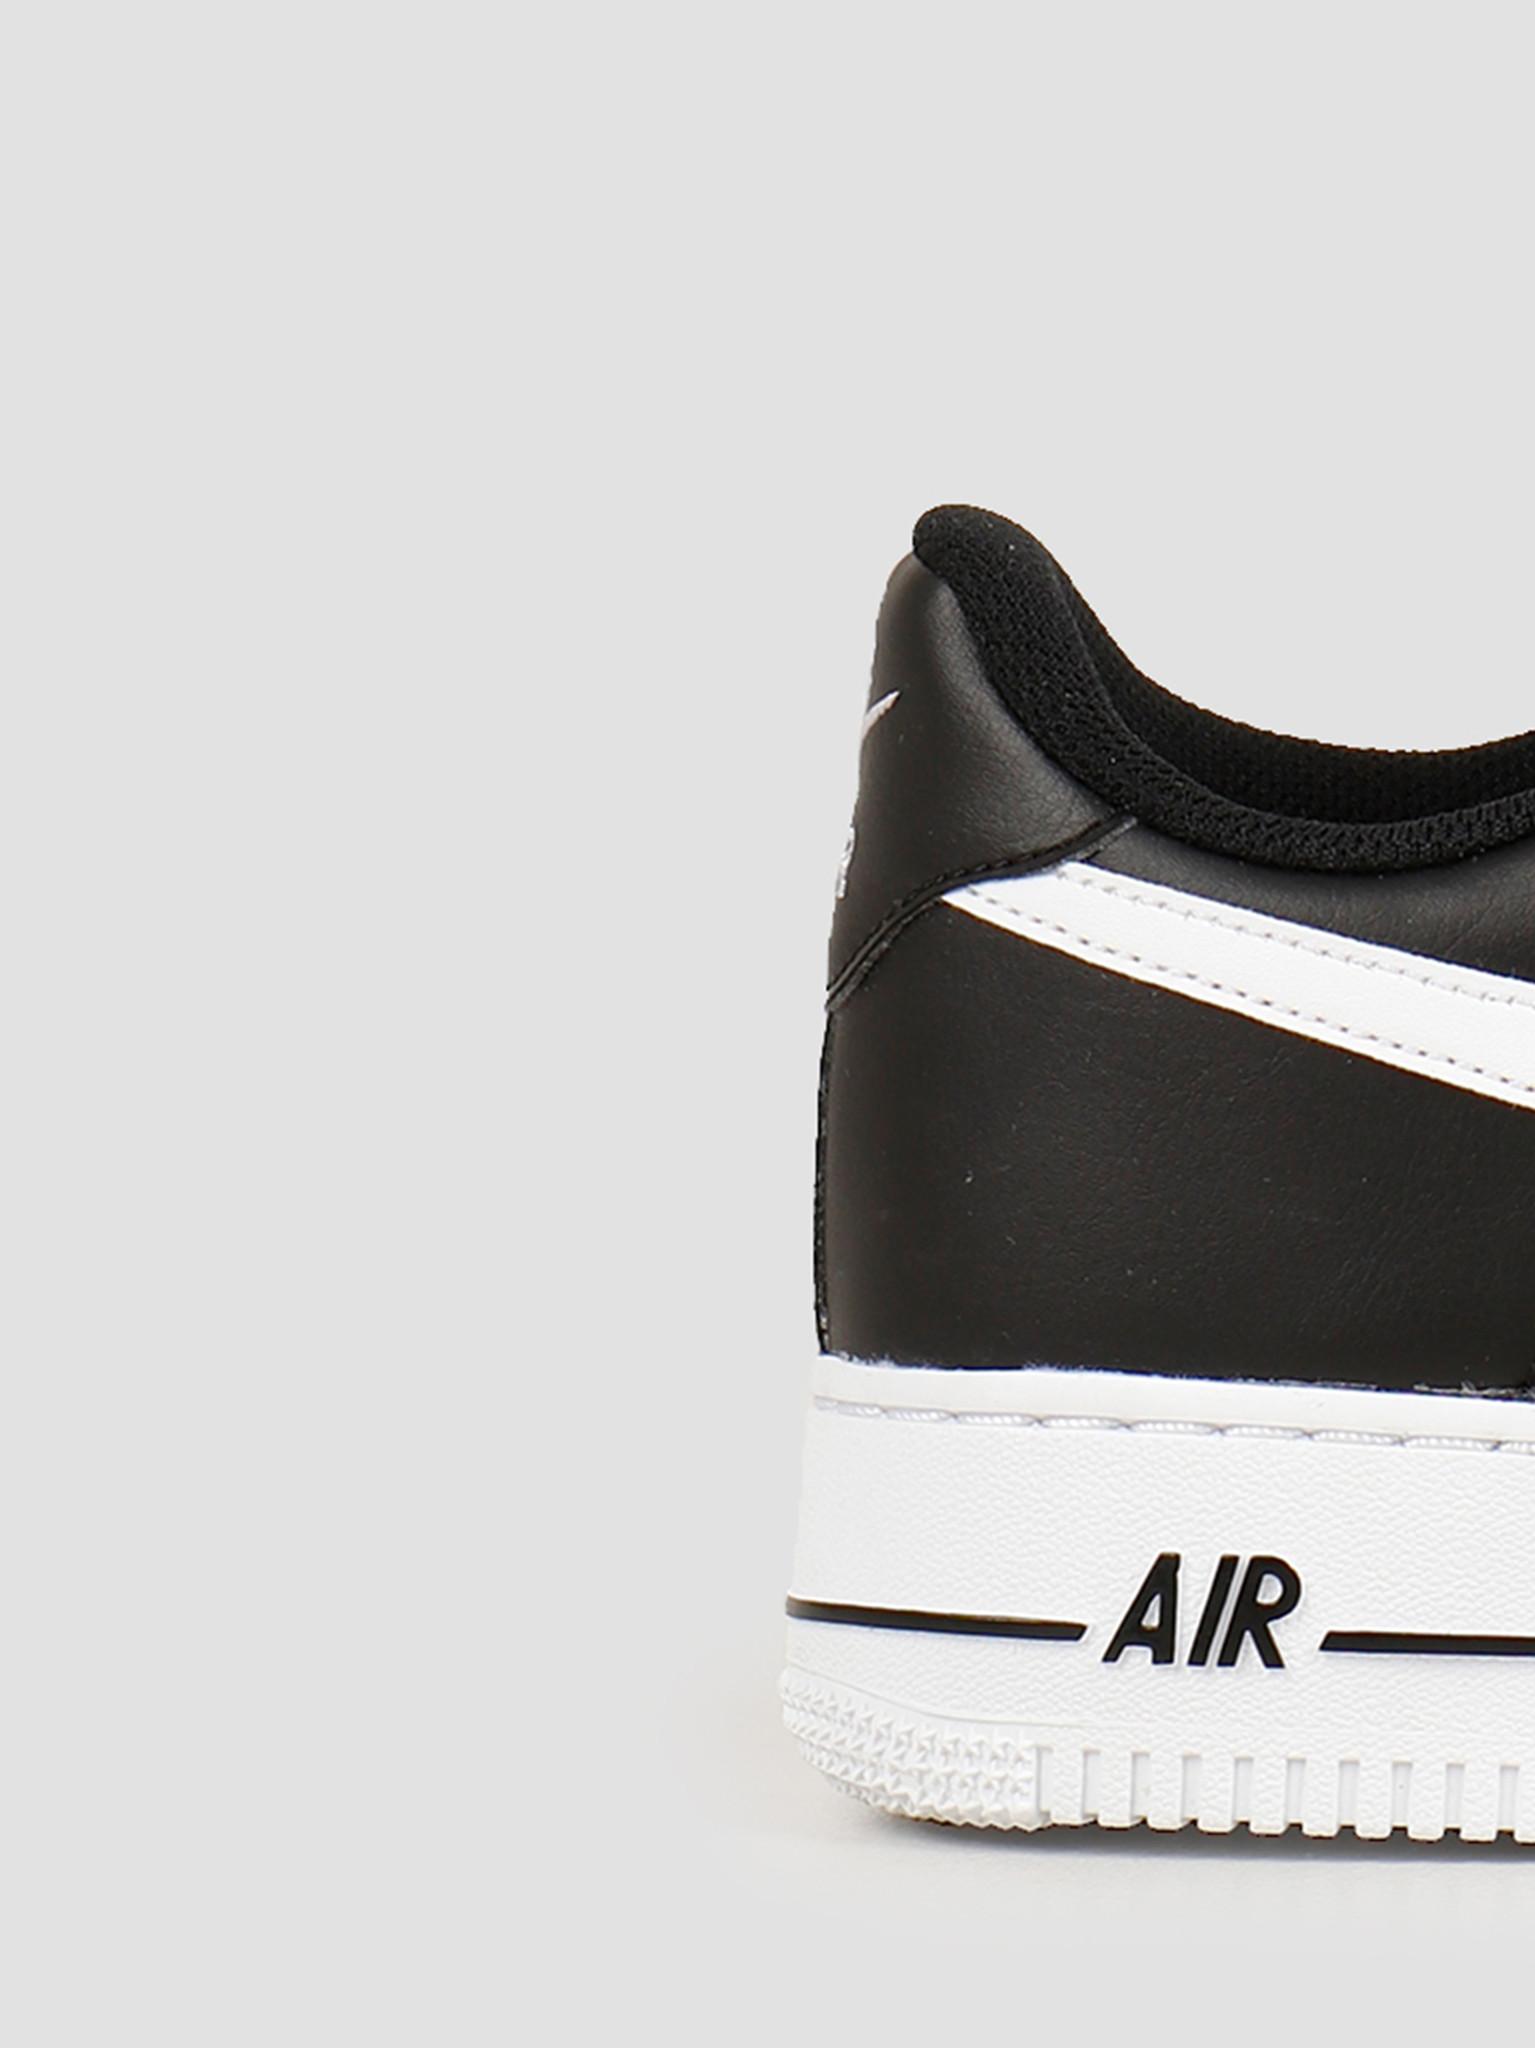 Nike Air Force 1 '07 An20 Black White CJ0952 001